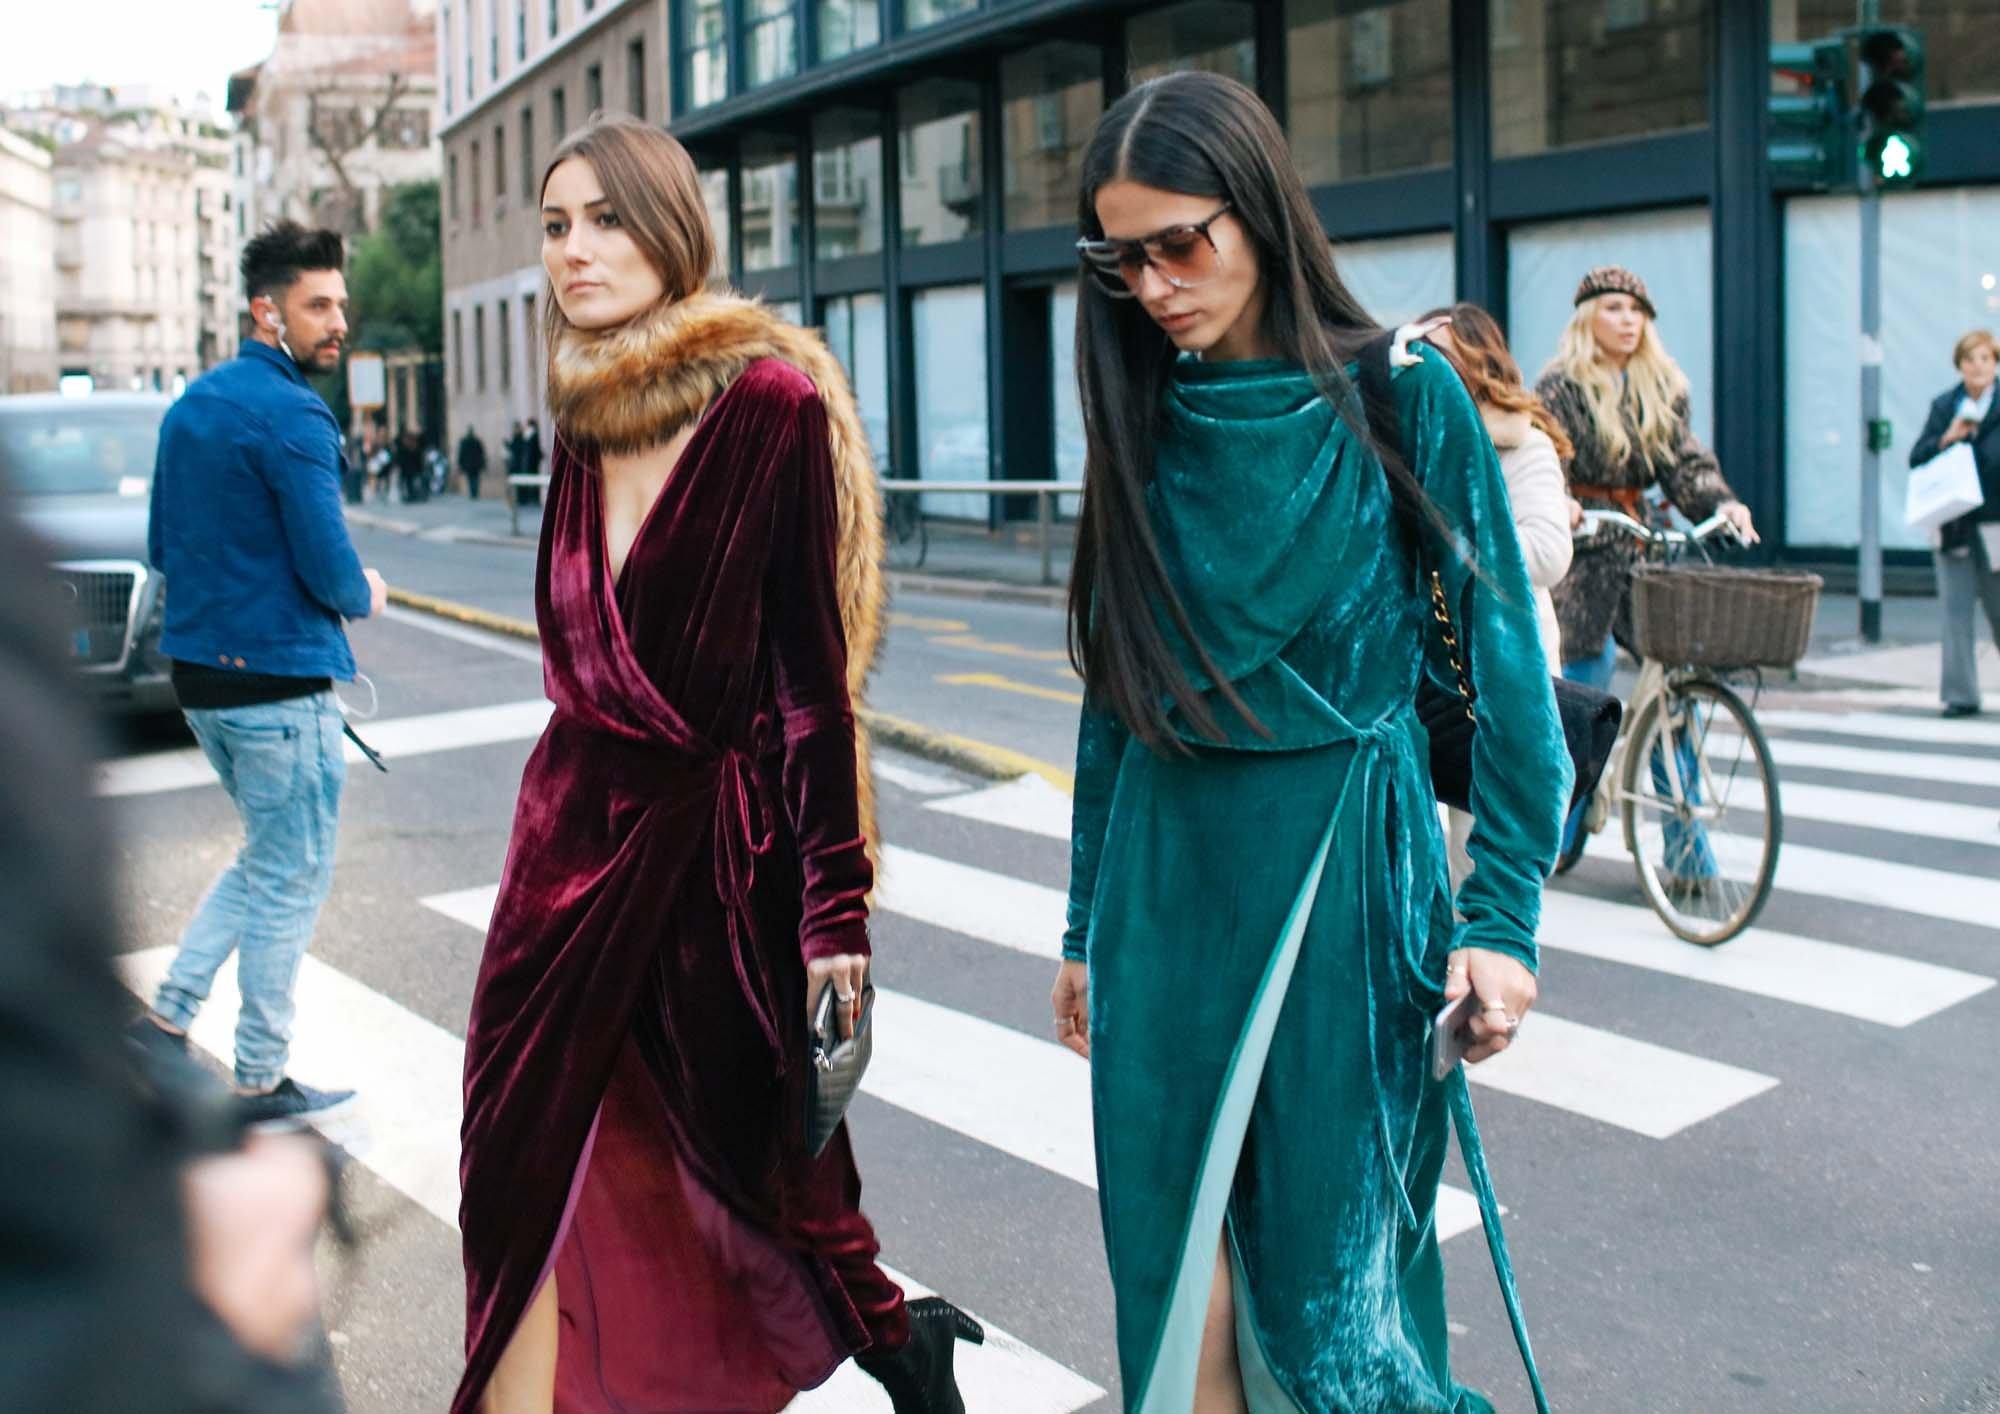 Итальянские столицы моды и дизайна Итальянские столицы моды и дизайна veloudo